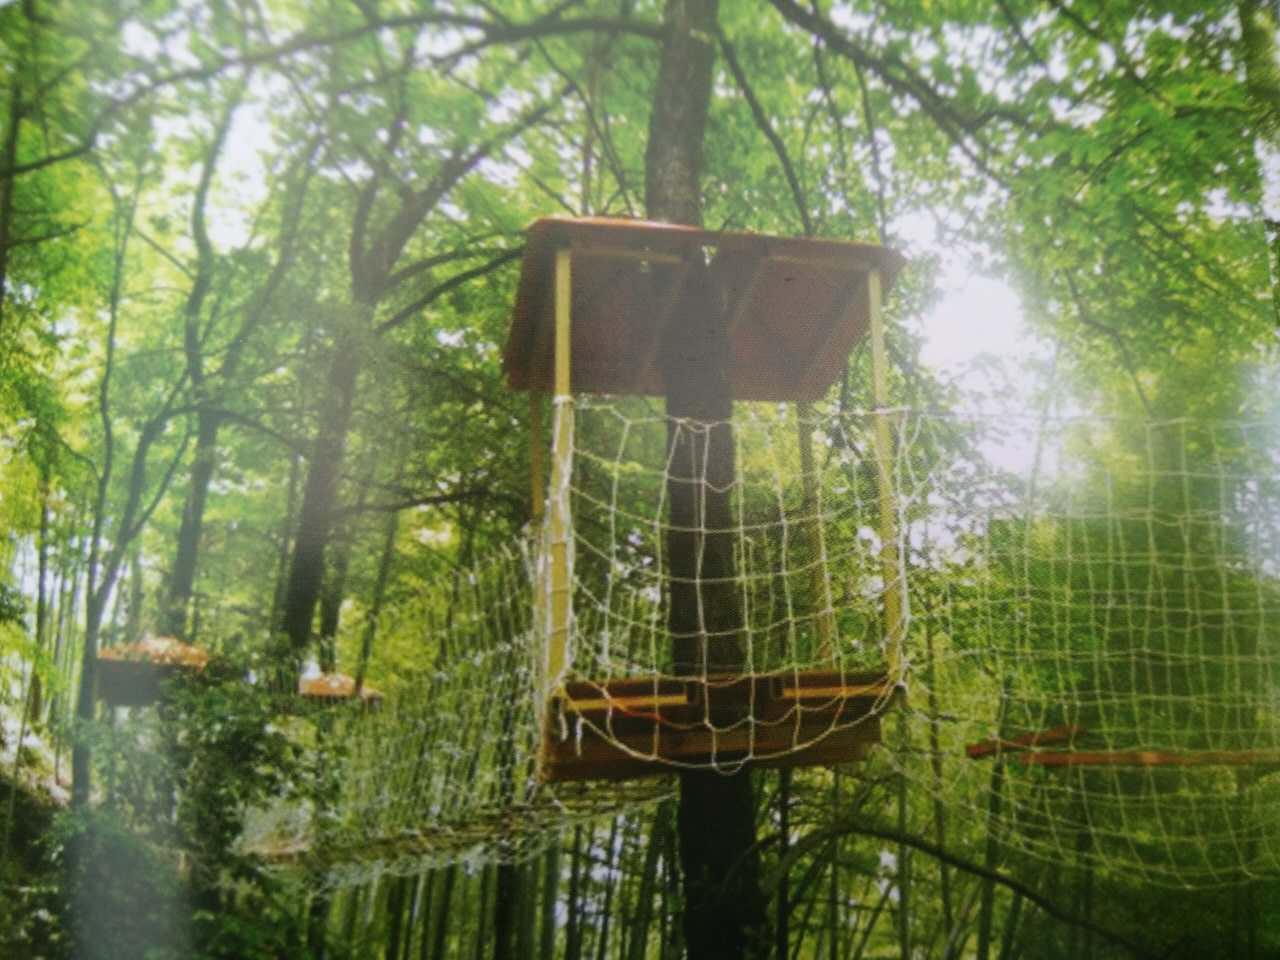 适合人群:   树上穿越/飞索森林探险公园适合人群广泛.